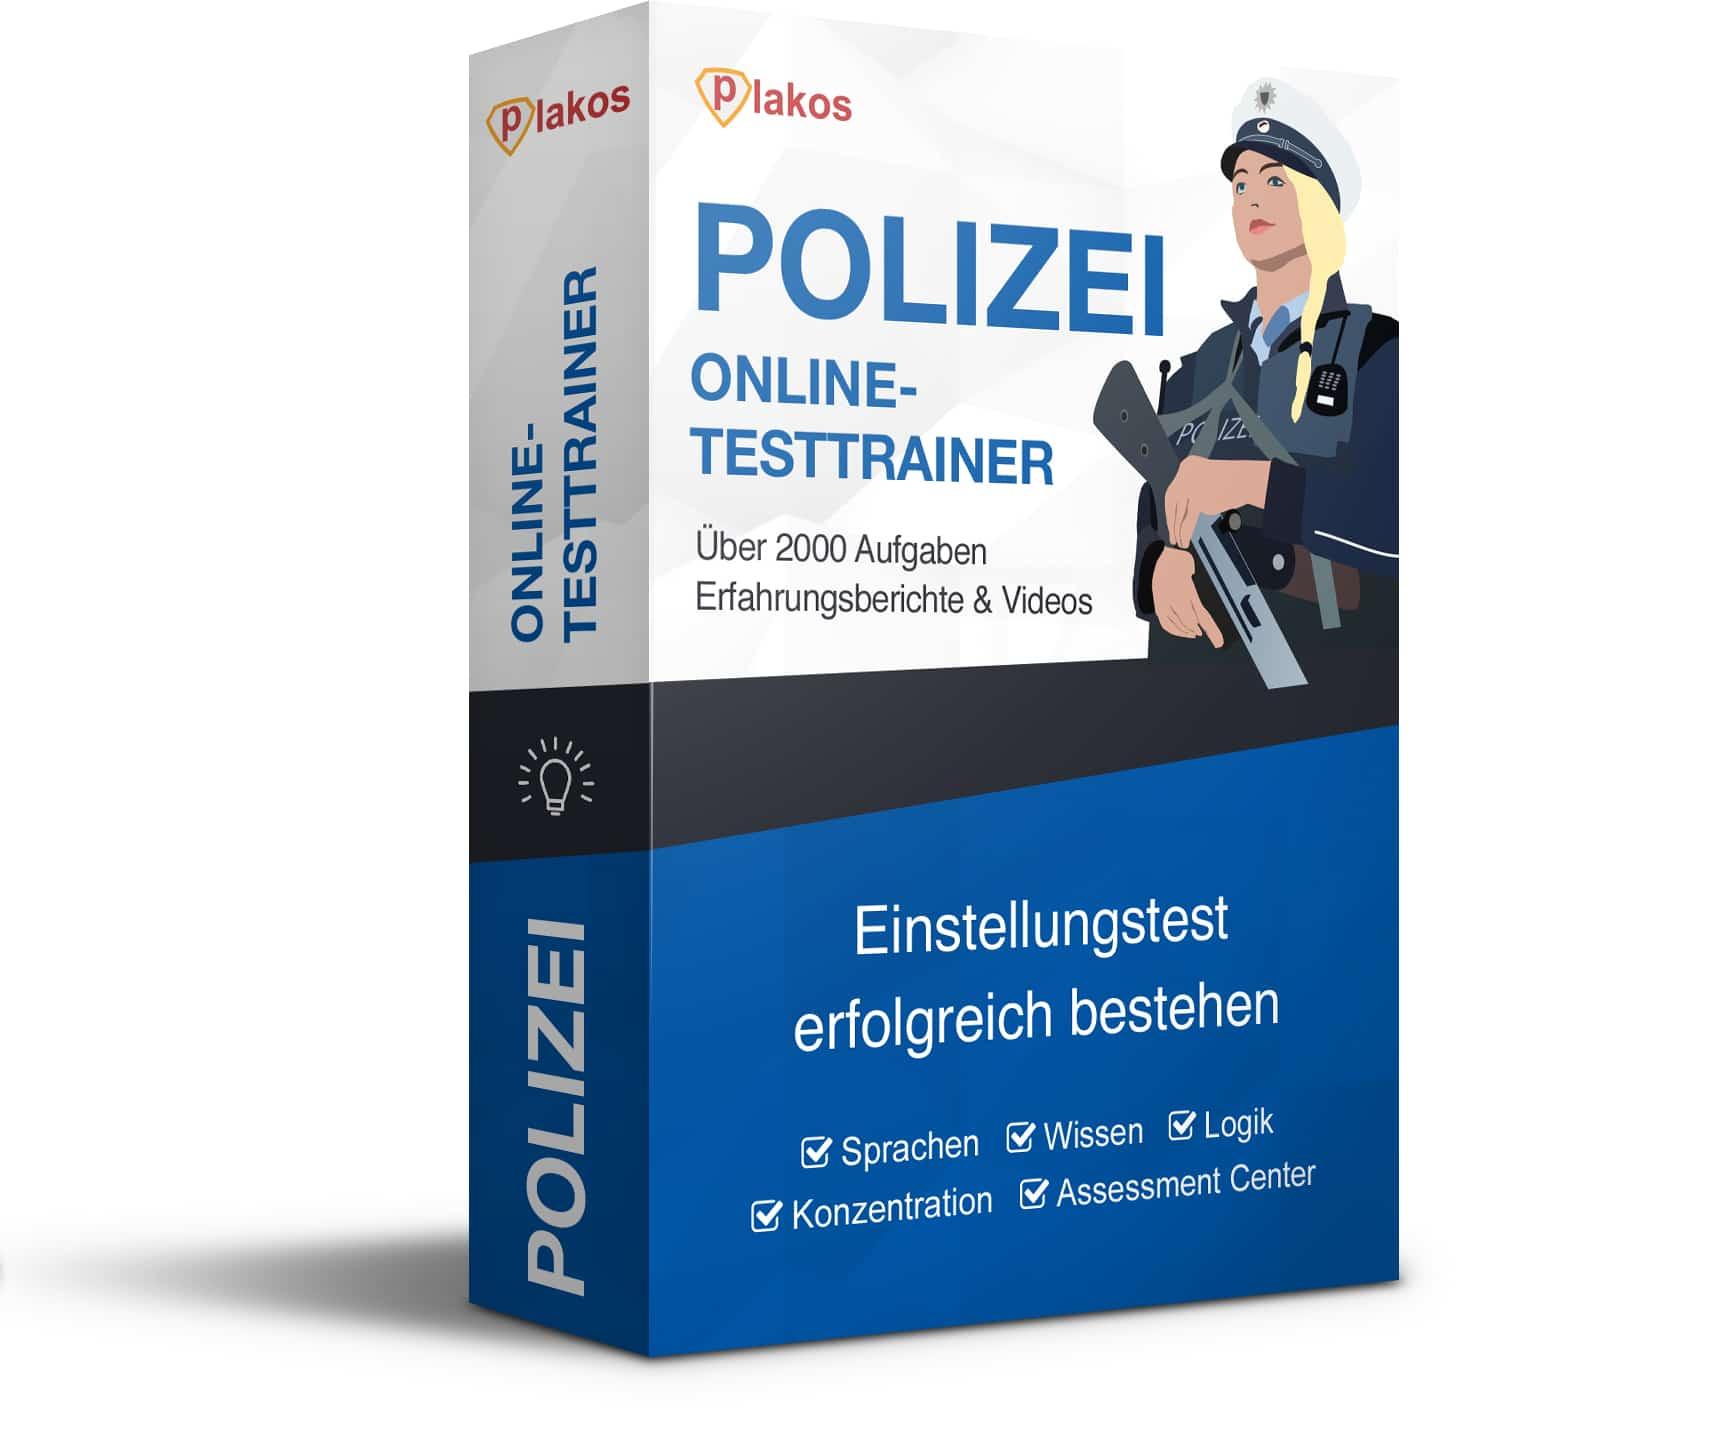 Polizei Einstellungstest Online-Testtrainer